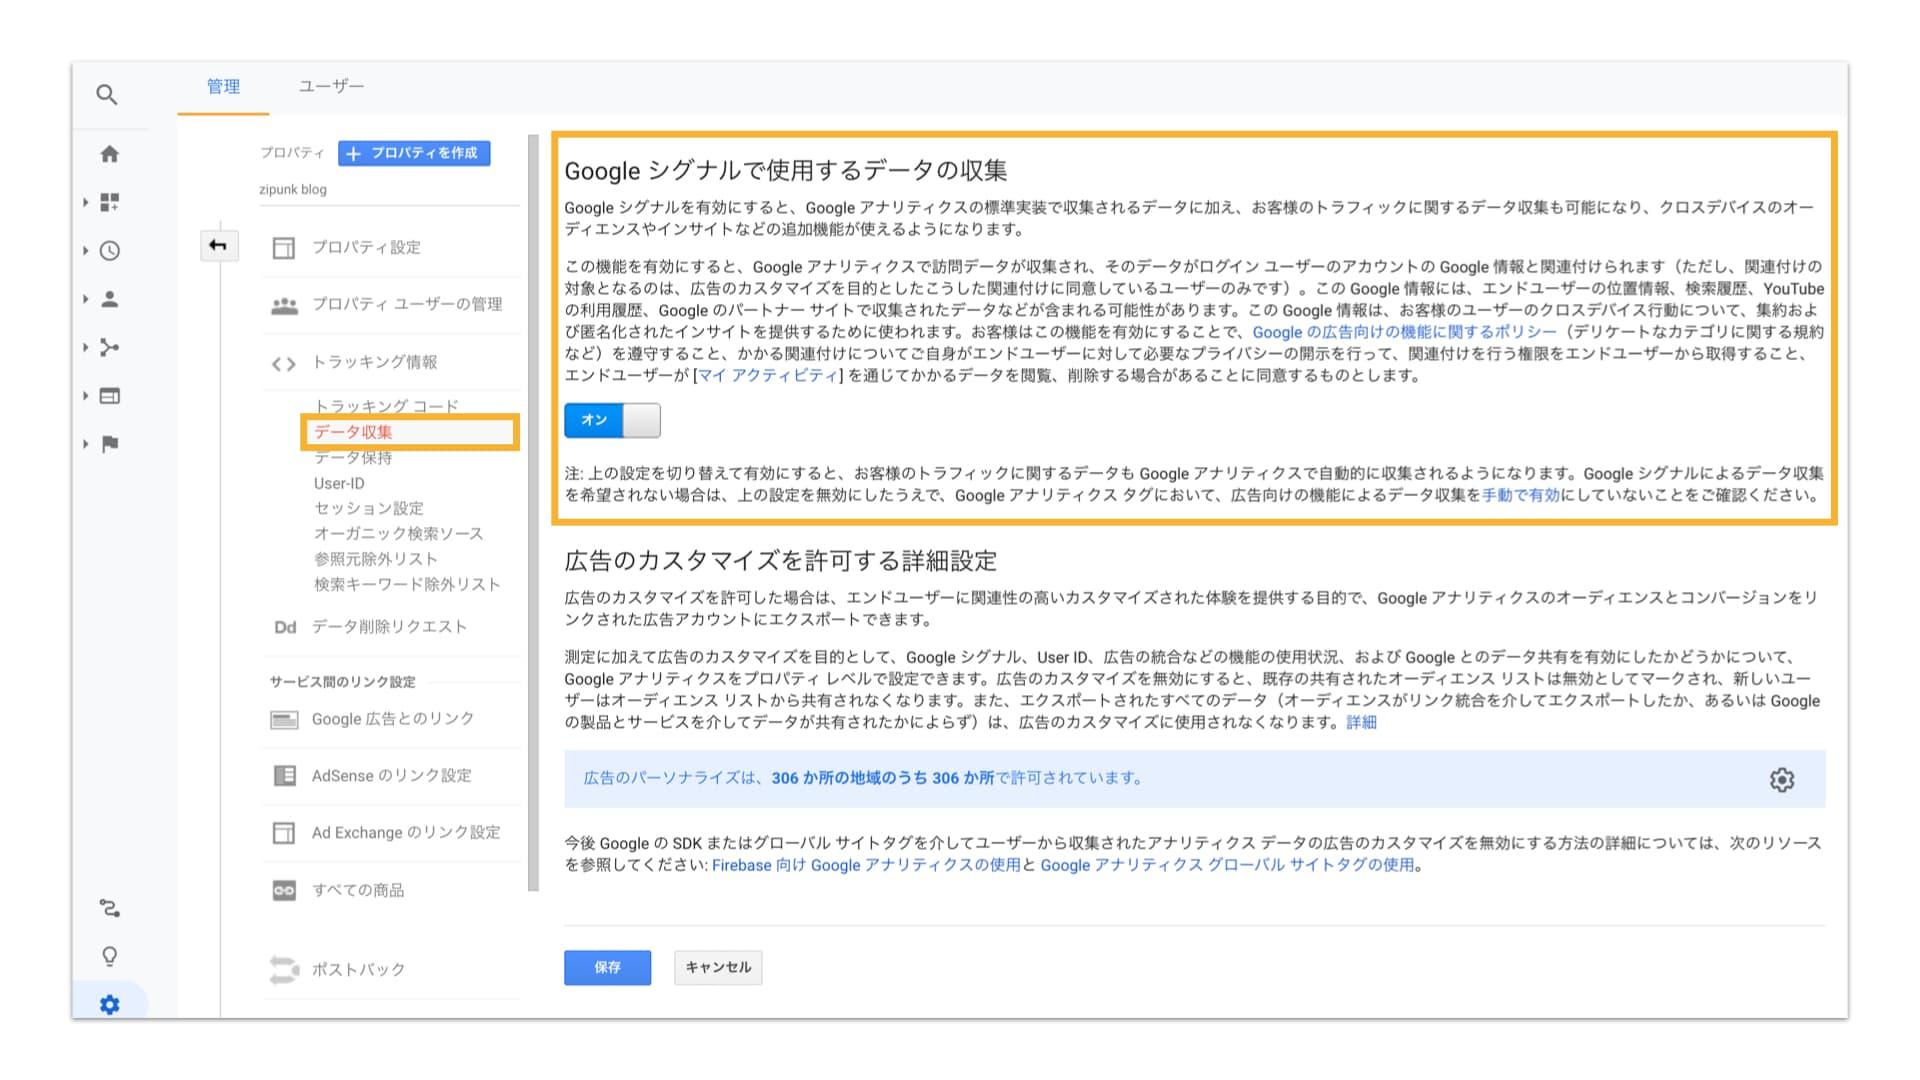 ga-initial-settings-google-signal